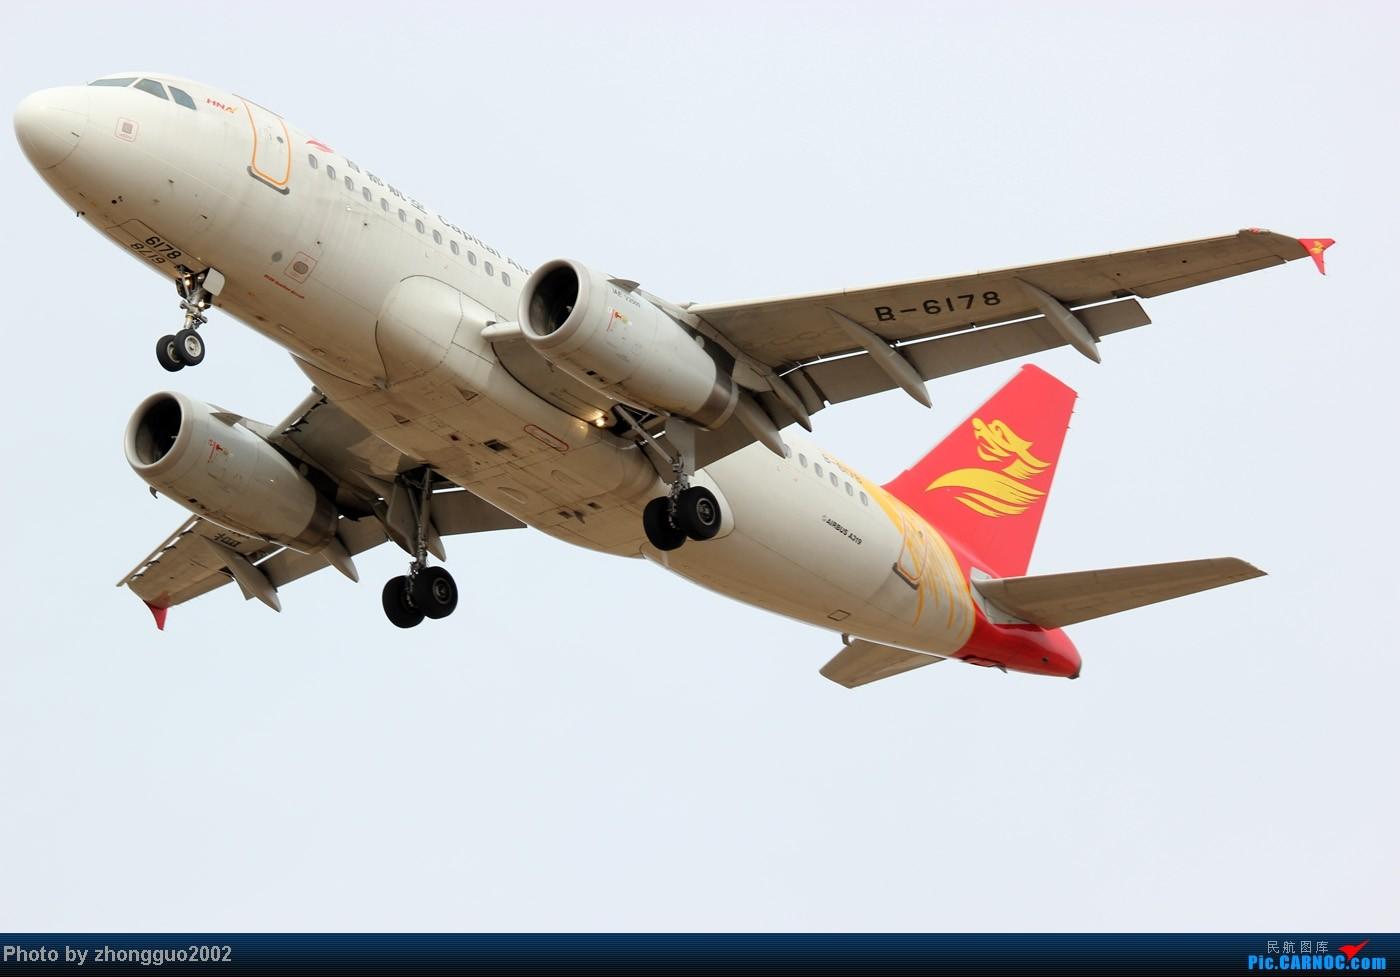 Re:[原创]长荣航空带小翼的321,东航6457小翼319,国航的新机子1947.1945,国航内蒙古号5226,新舟60,以及深圳、首都、西部等航空的飞机。 AIRBUS A319-100 B-6178 中国呼和浩特白塔机场